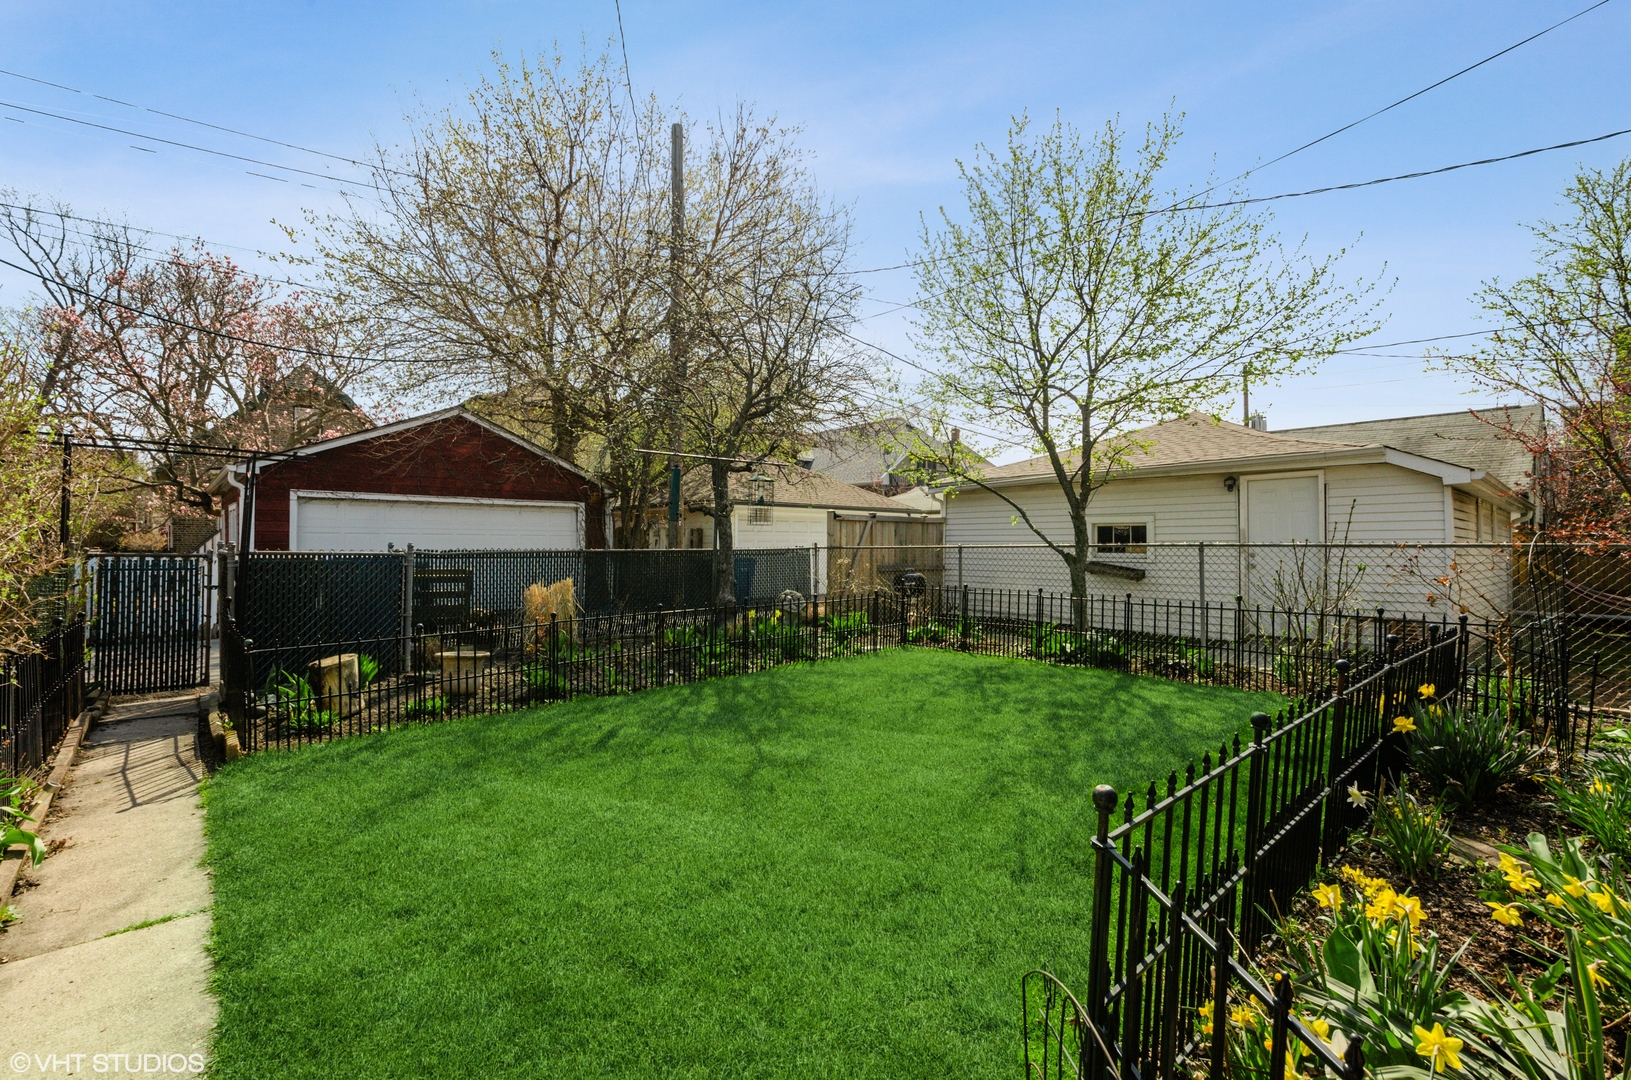 4435 Sacramento ,Chicago, Illinois 60625